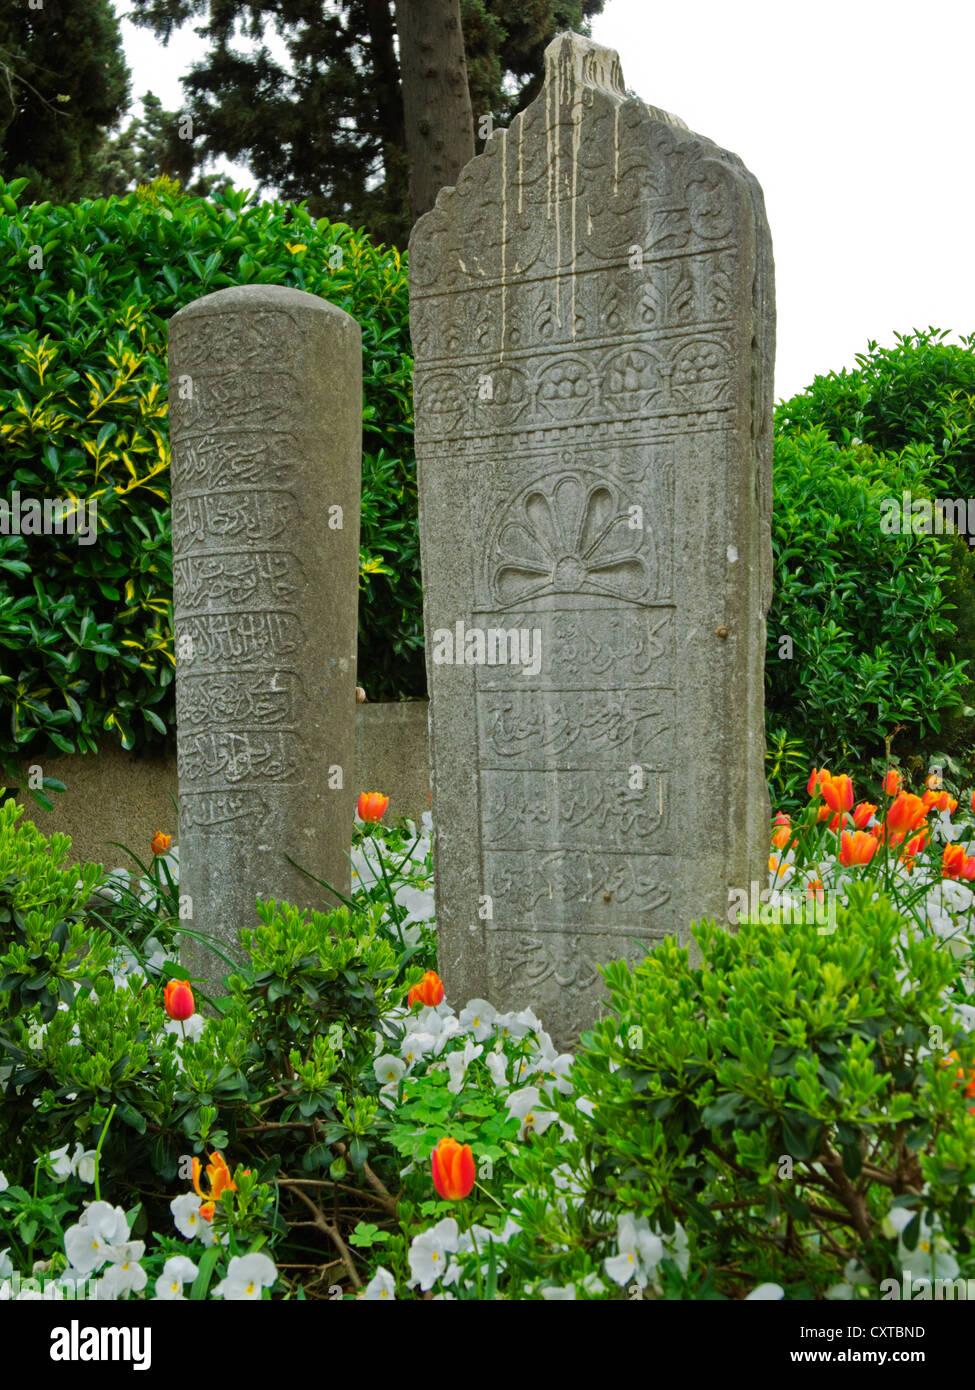 Ägypten, Istanbul, Eyüp, Grabmal Auf Dem Eyüp-Friedhof Stockbild